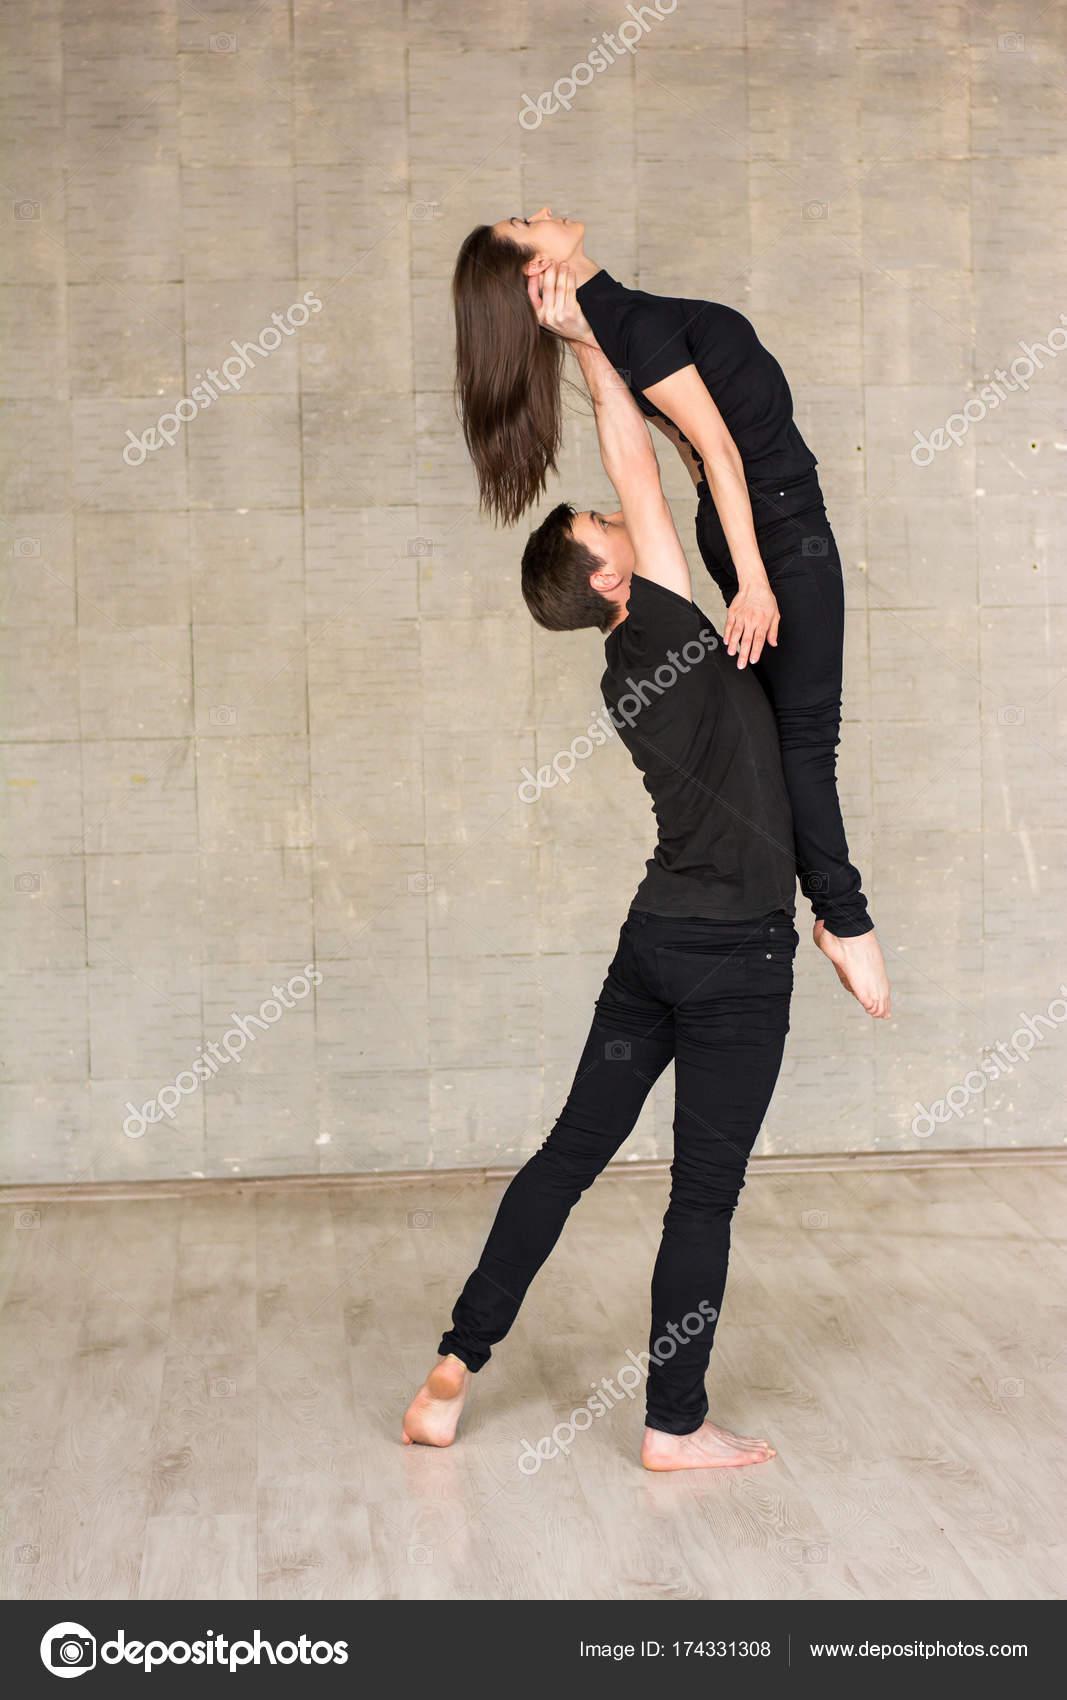 Zeitgenössische paar tanzen Aufzug — Stockfoto © Denisfilm #174331308